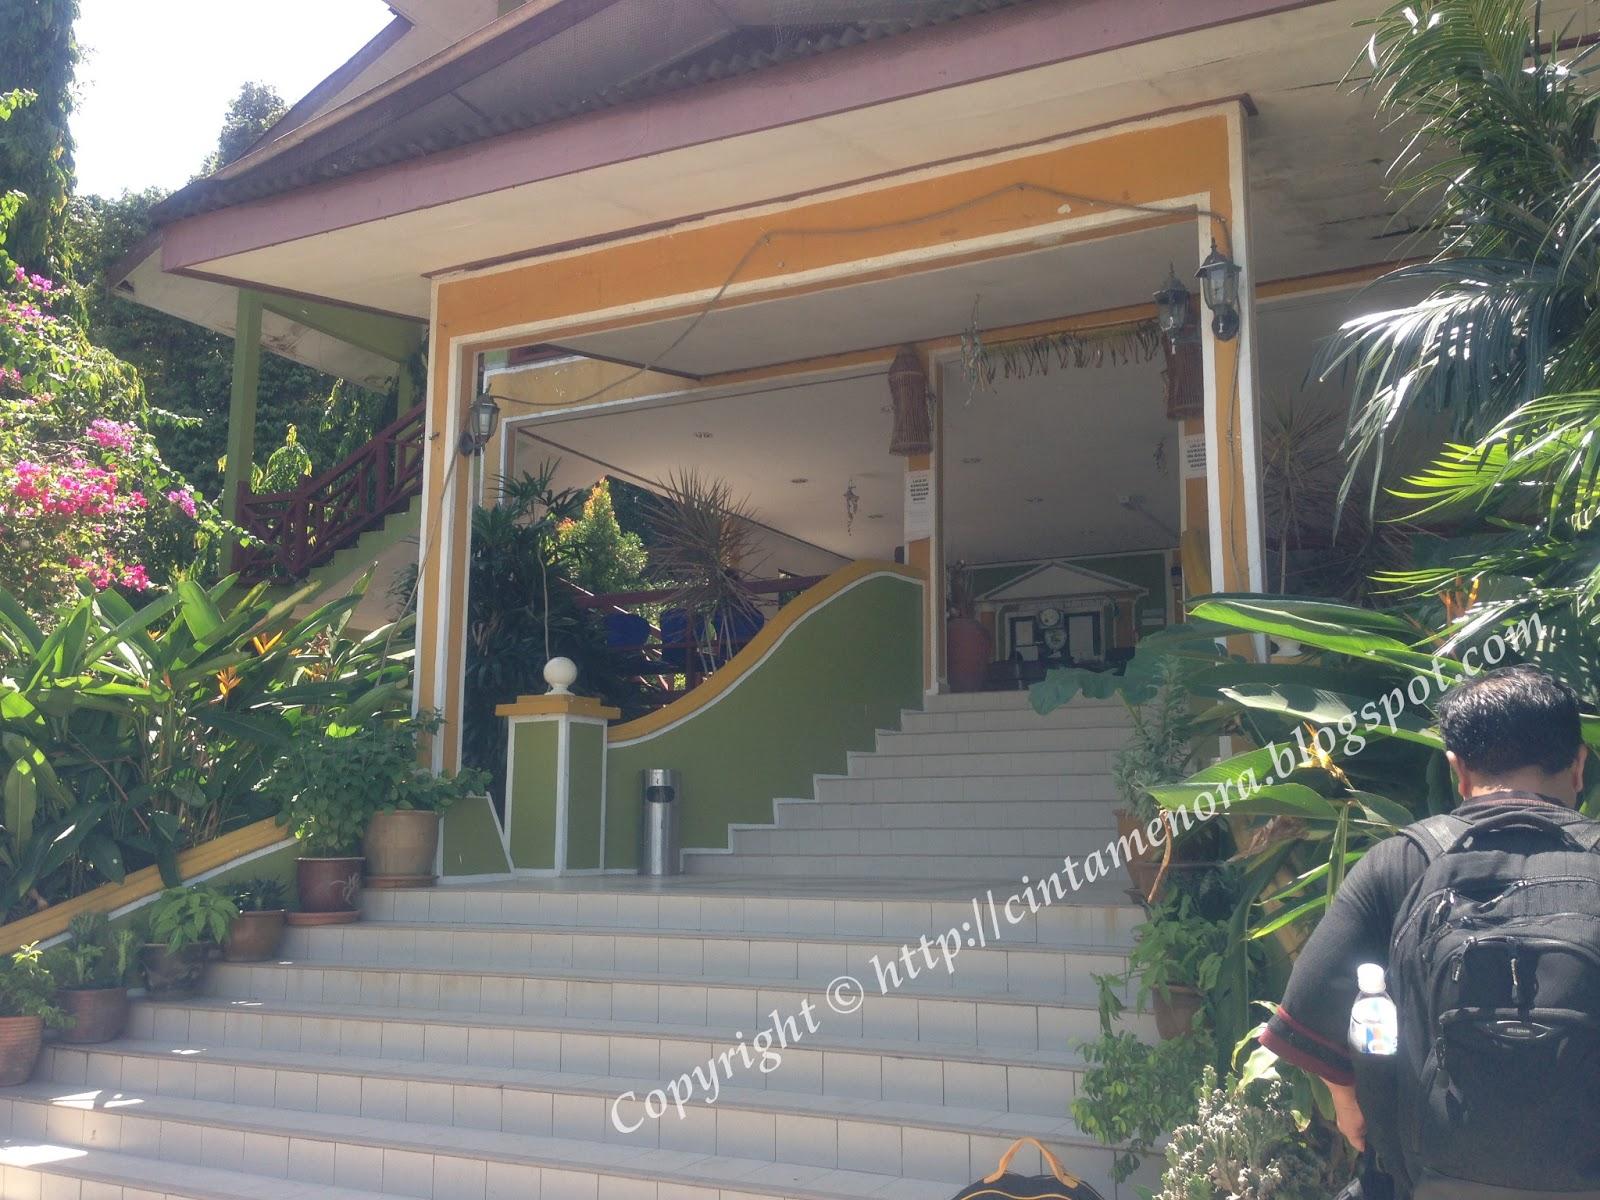 pintu masuk utama d'puteri kurnia resort